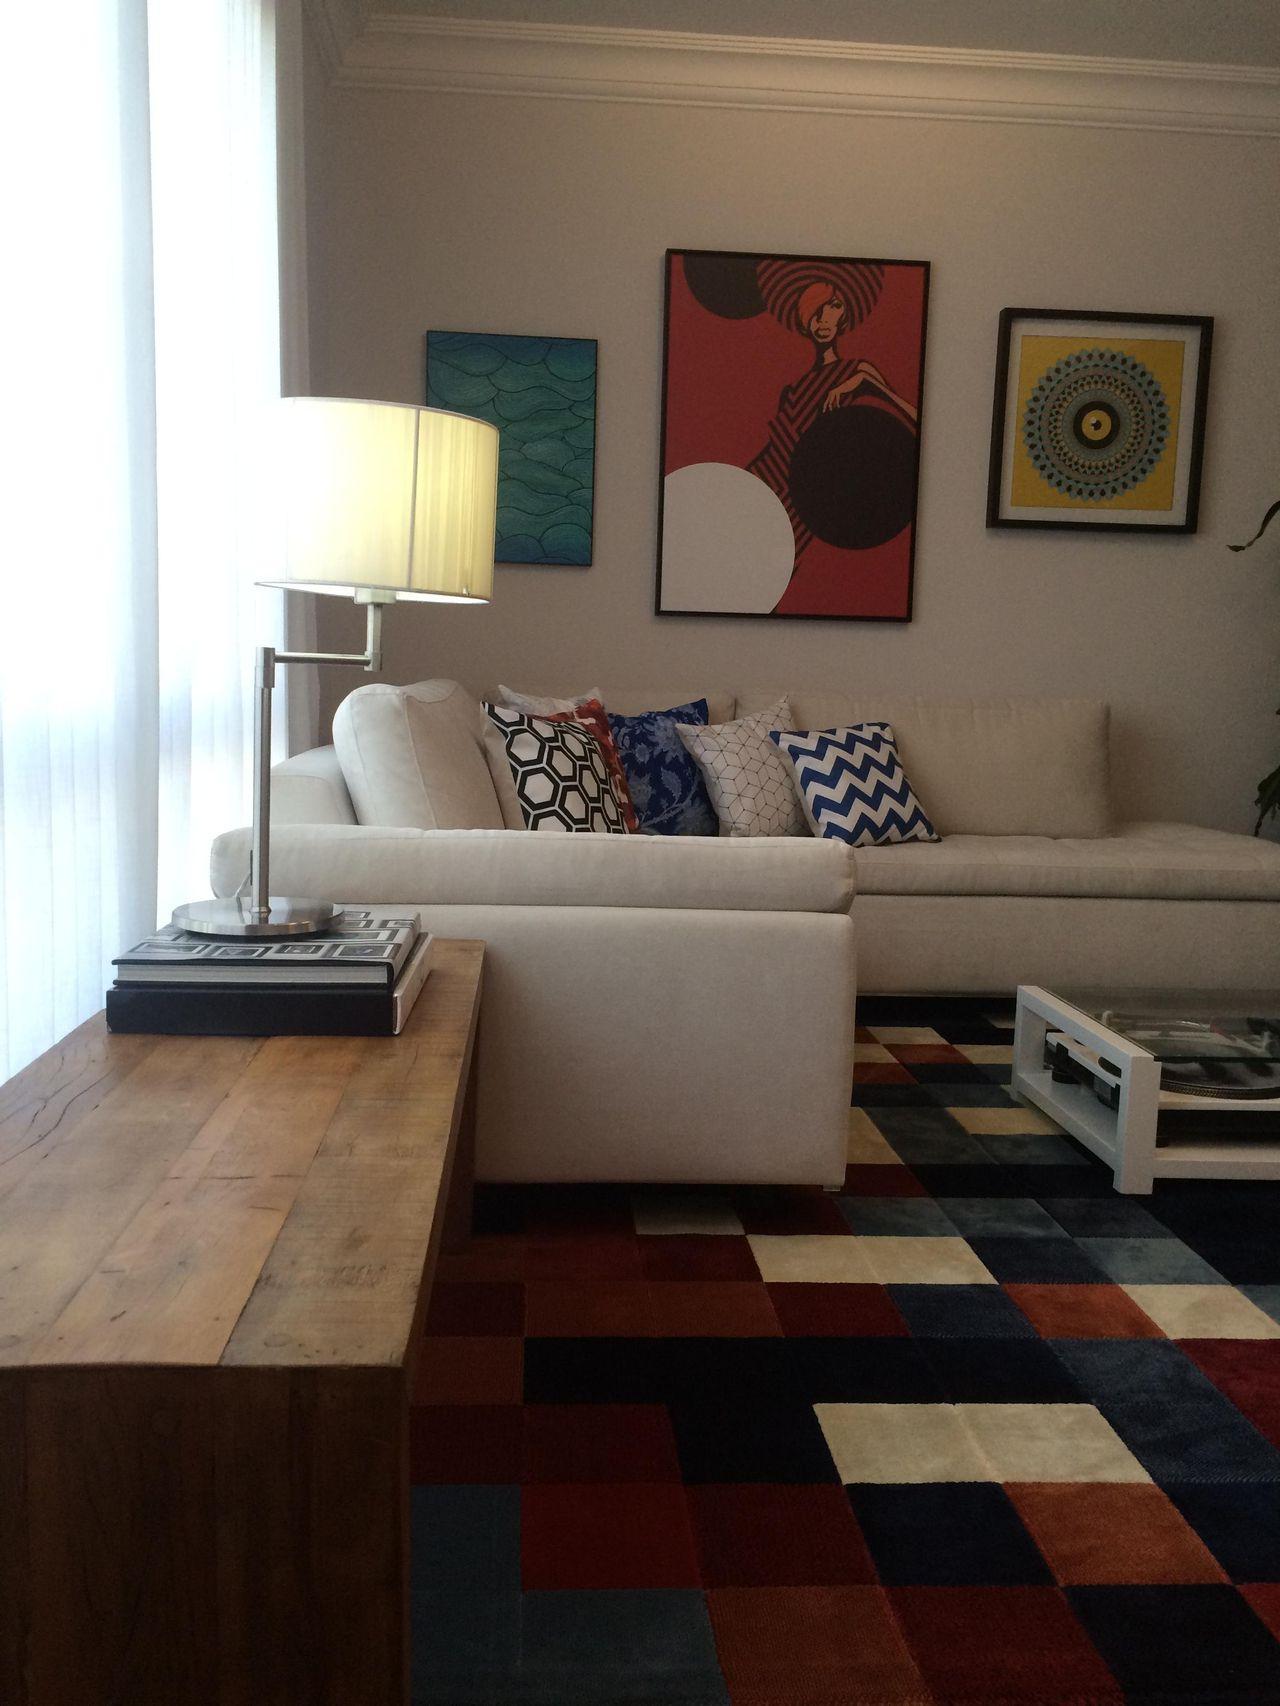 Tapete Para Sala Colorido With Tapete Para Sala Colorido With  -> Sala De Tv Com Tapete E Almofadas